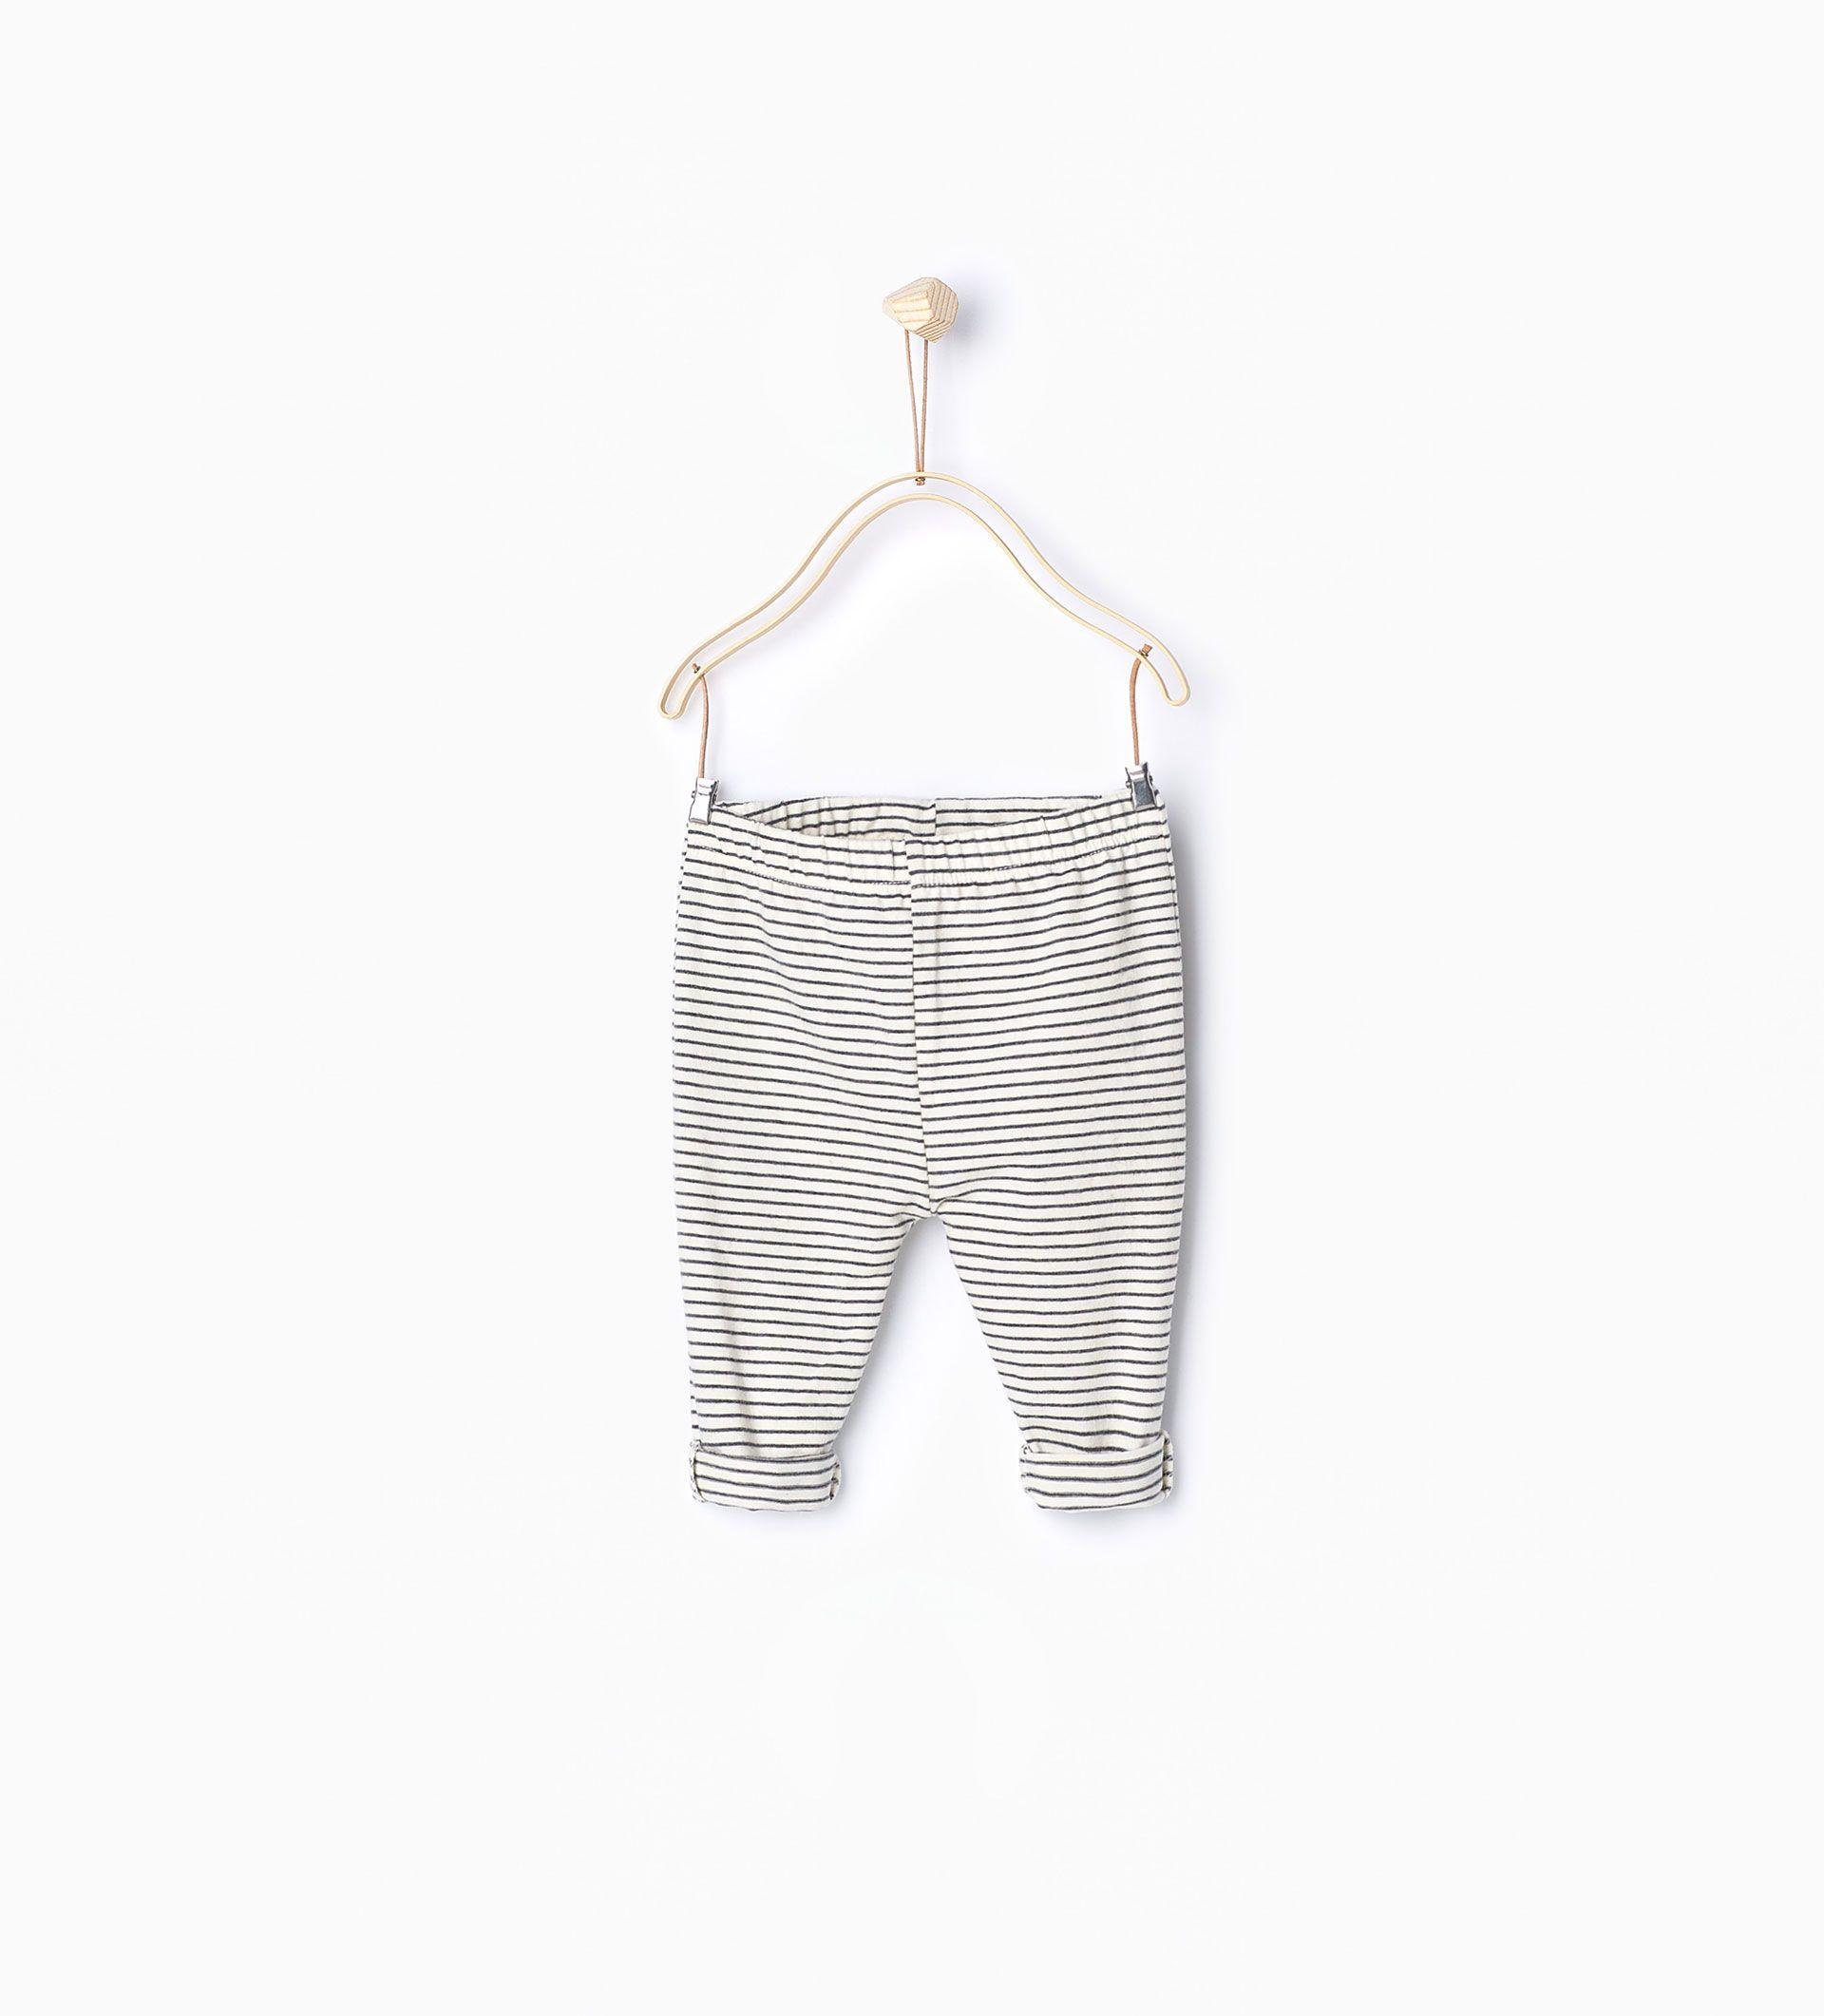 Zara Enfants Legging Ray Baby Clothes Boy Pinterest  # Ragla Muebles Infantiles